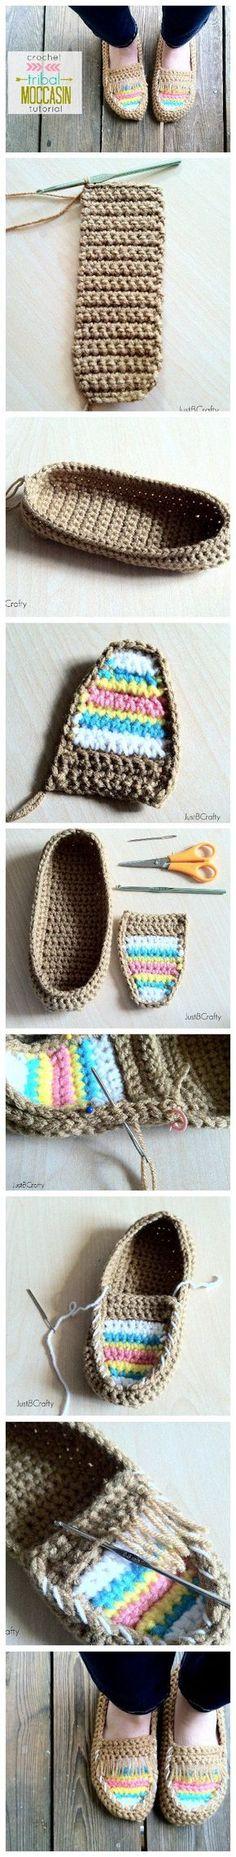 DIY Crochet Tribal Moccasin – Free Pattern. #Crochet #Pattern #Moccas